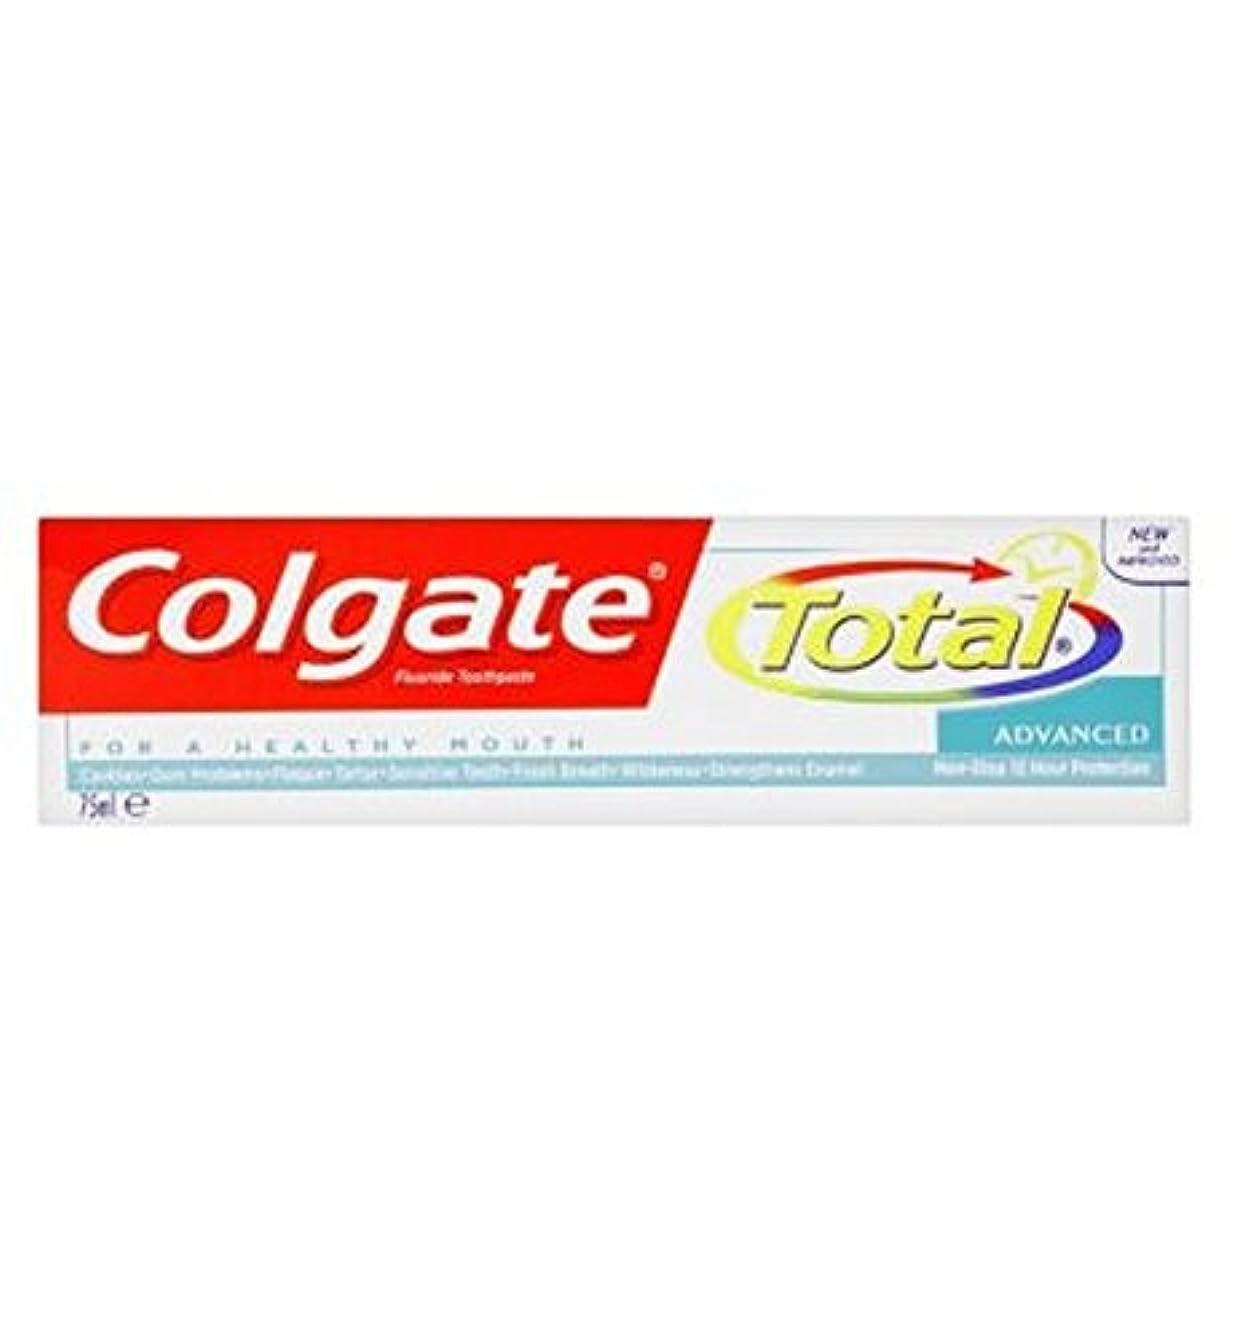 耕すゆり縁Colgate Total Advanced toothpaste 75ml - コルゲートトータル高度な歯磨き粉75ミリリットル (Colgate) [並行輸入品]